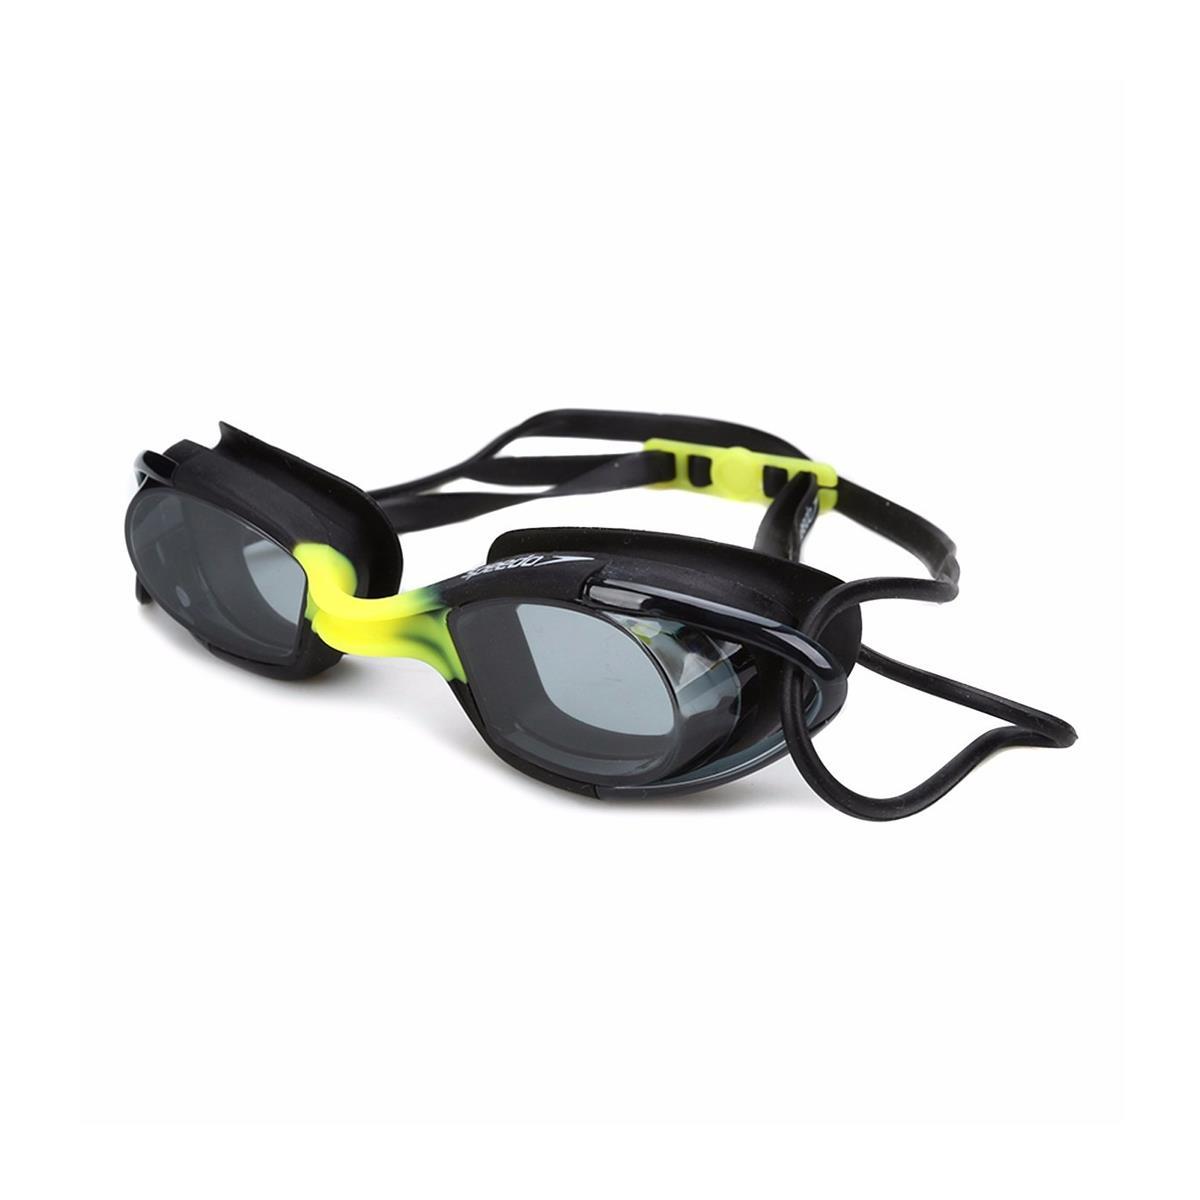 48cc6e727daec Óculos de Natação Speedo Mariner